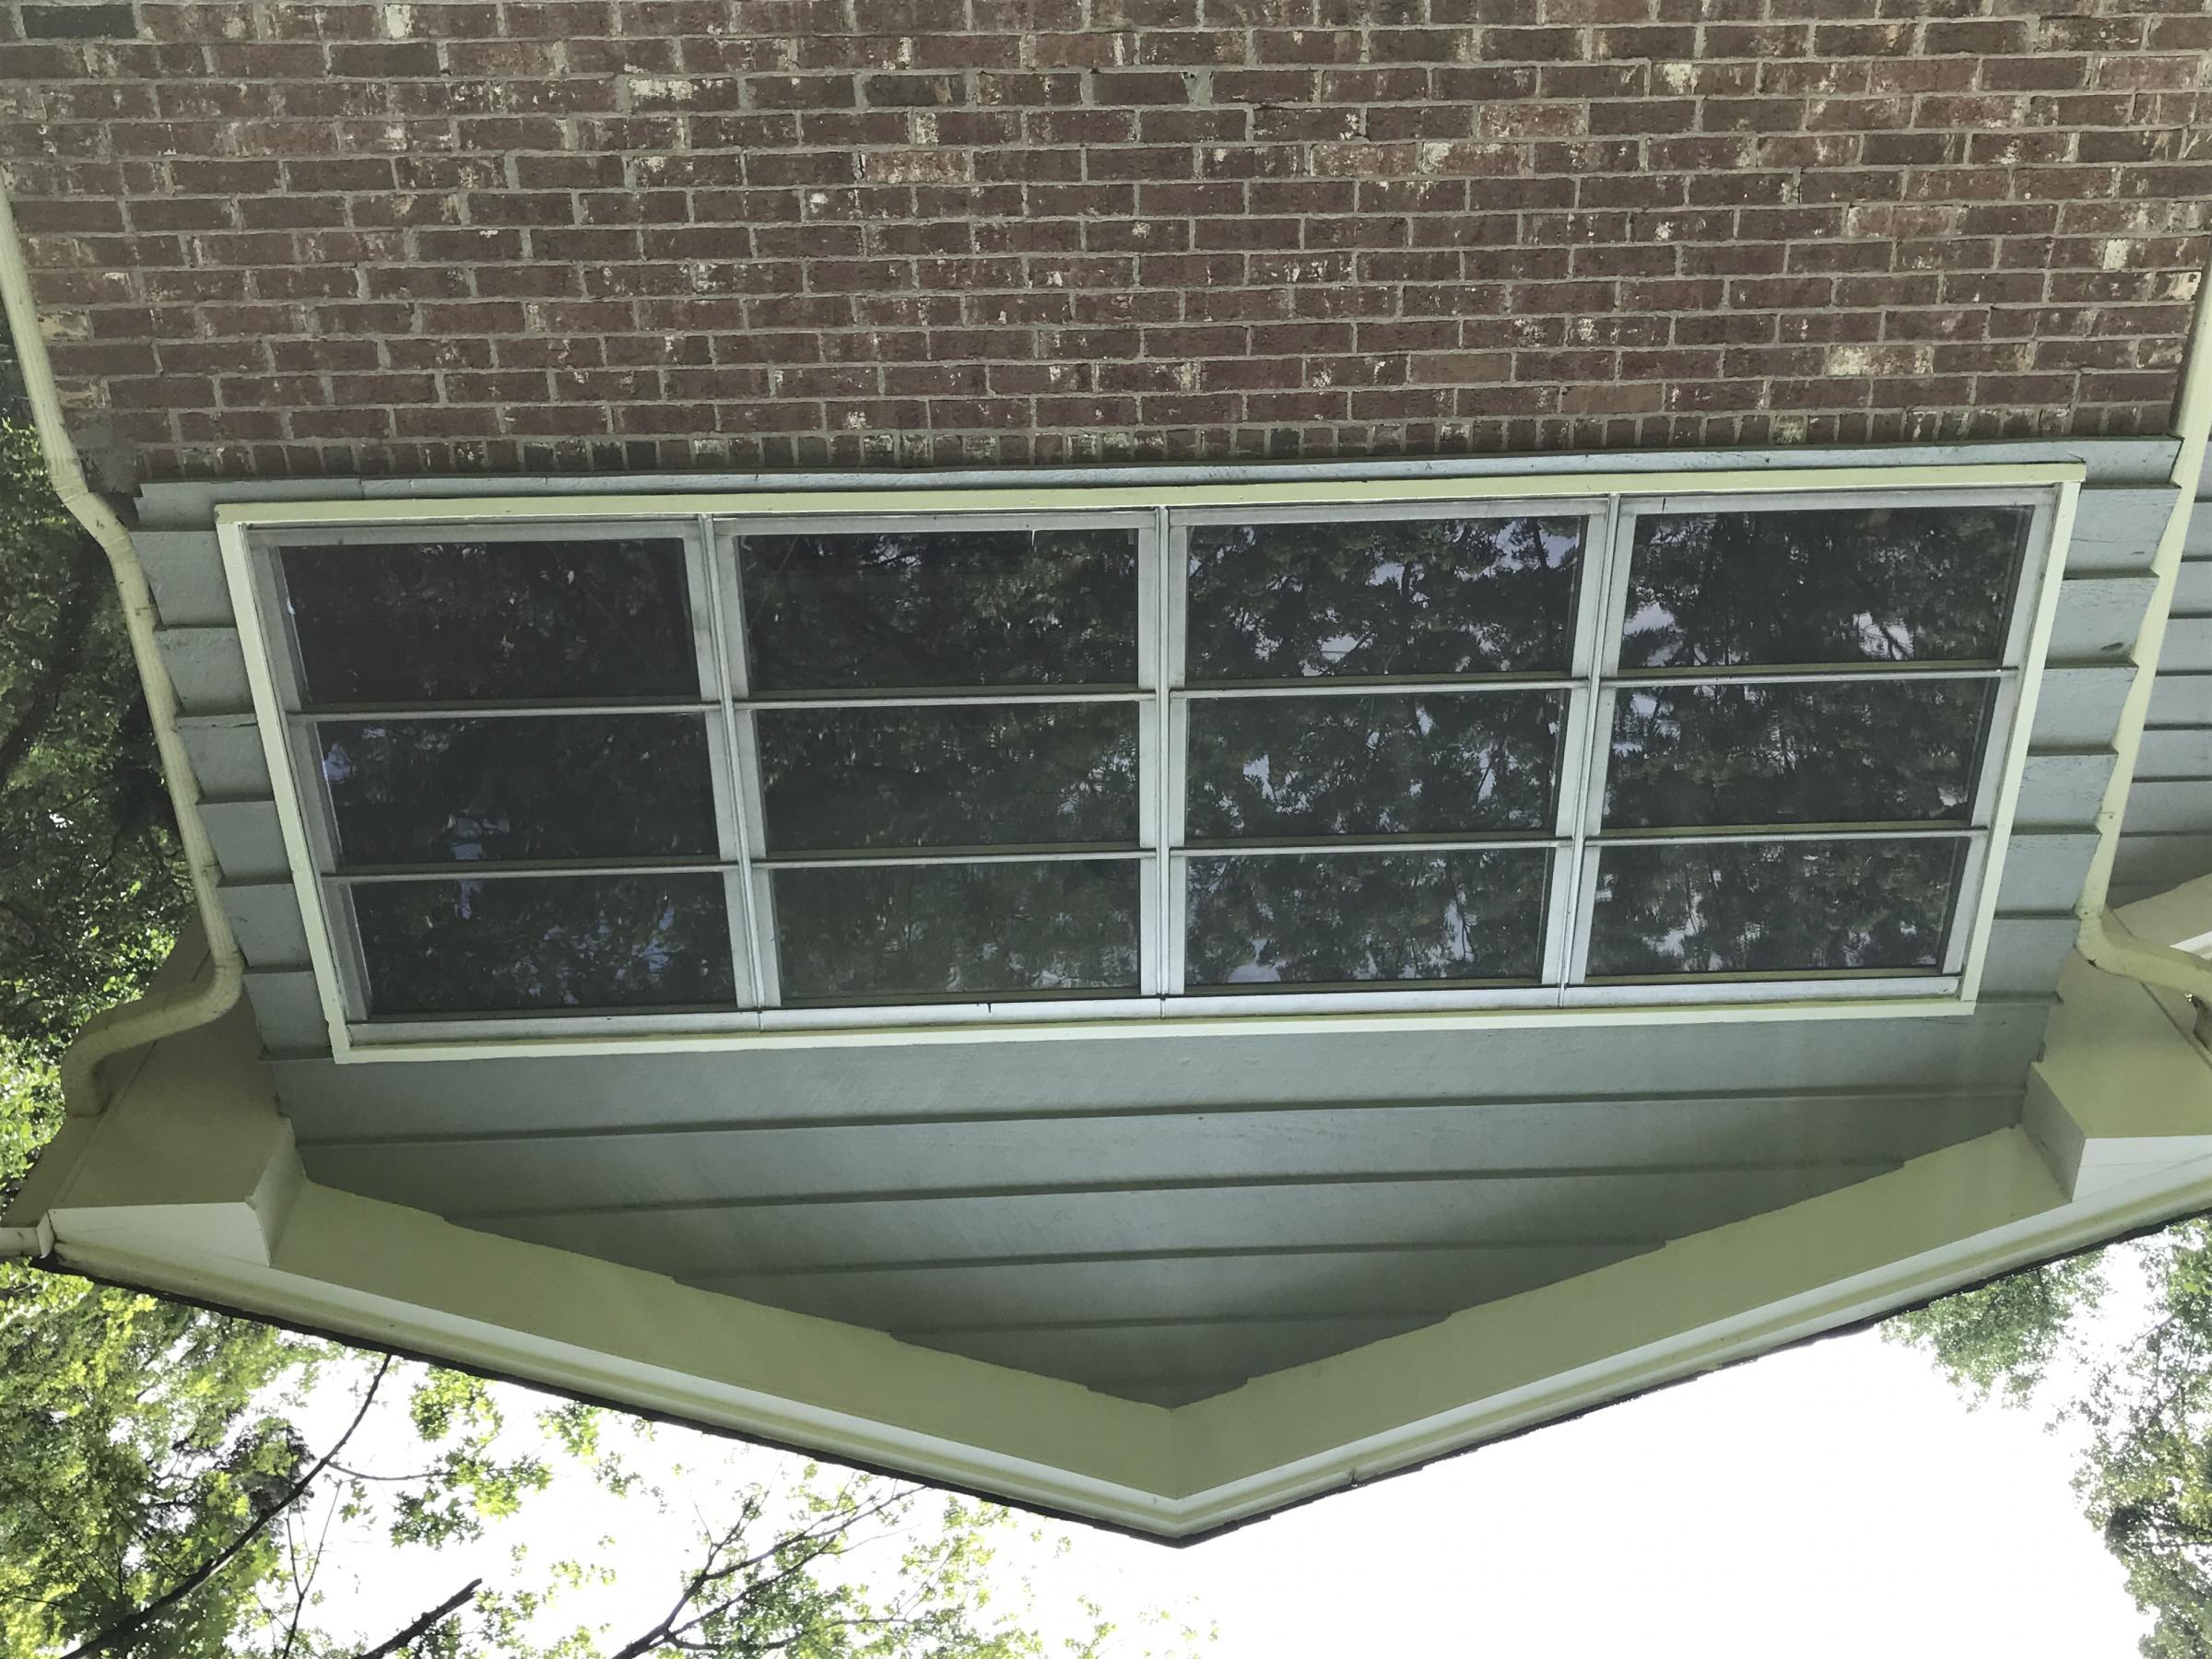 Window & Door Install in Older Home _HELP Please-img_2841.jpg